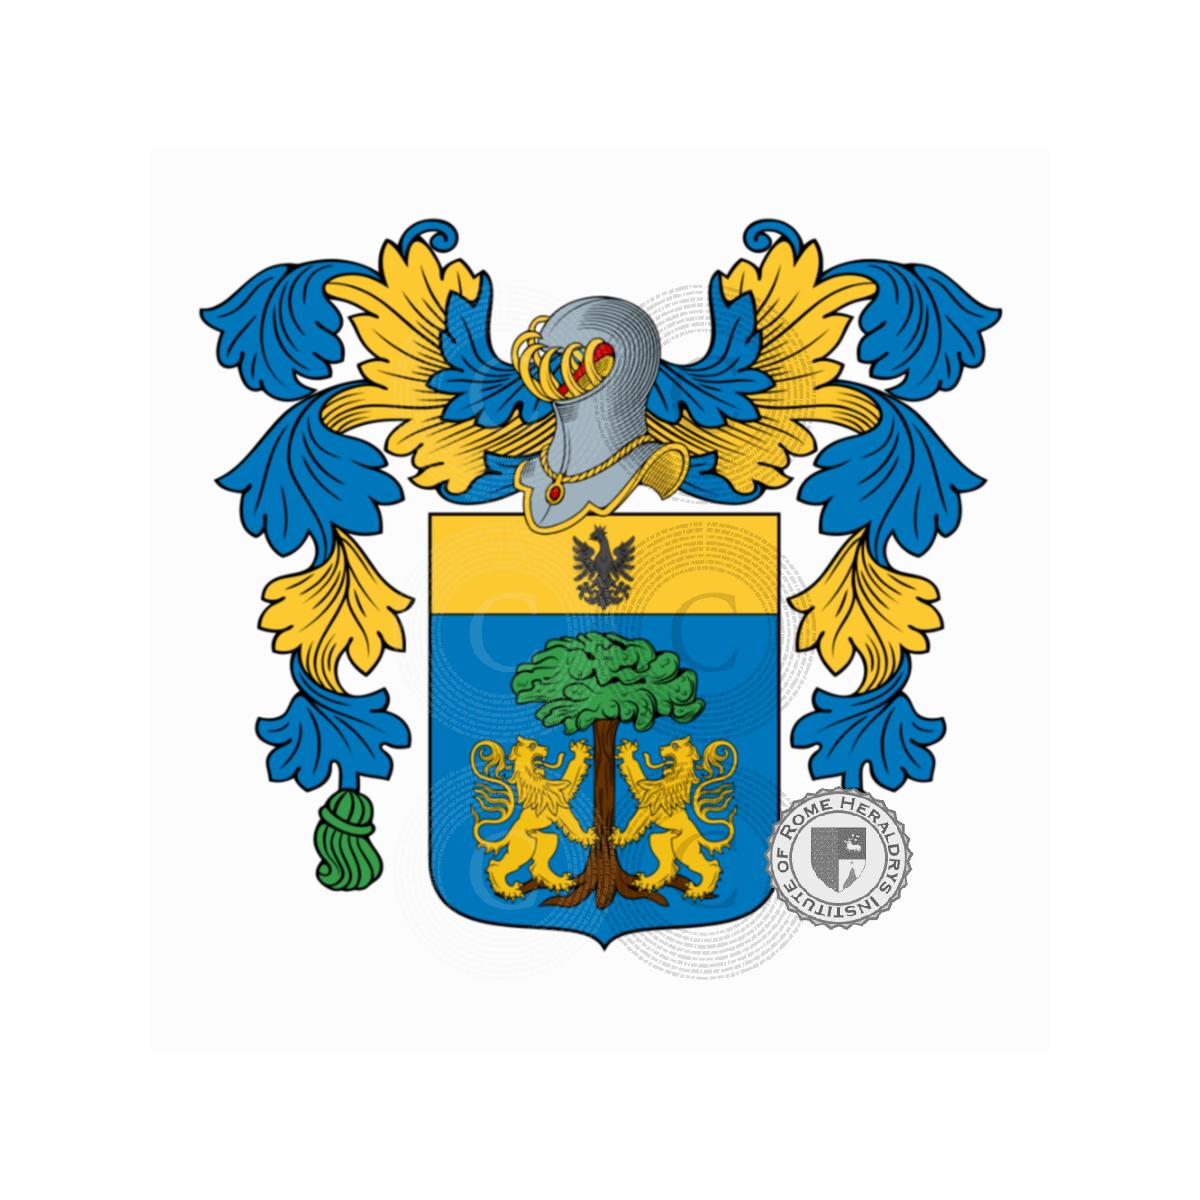 Famiglia Barbaglia Araldica, Genealogia, Stemma E Origine